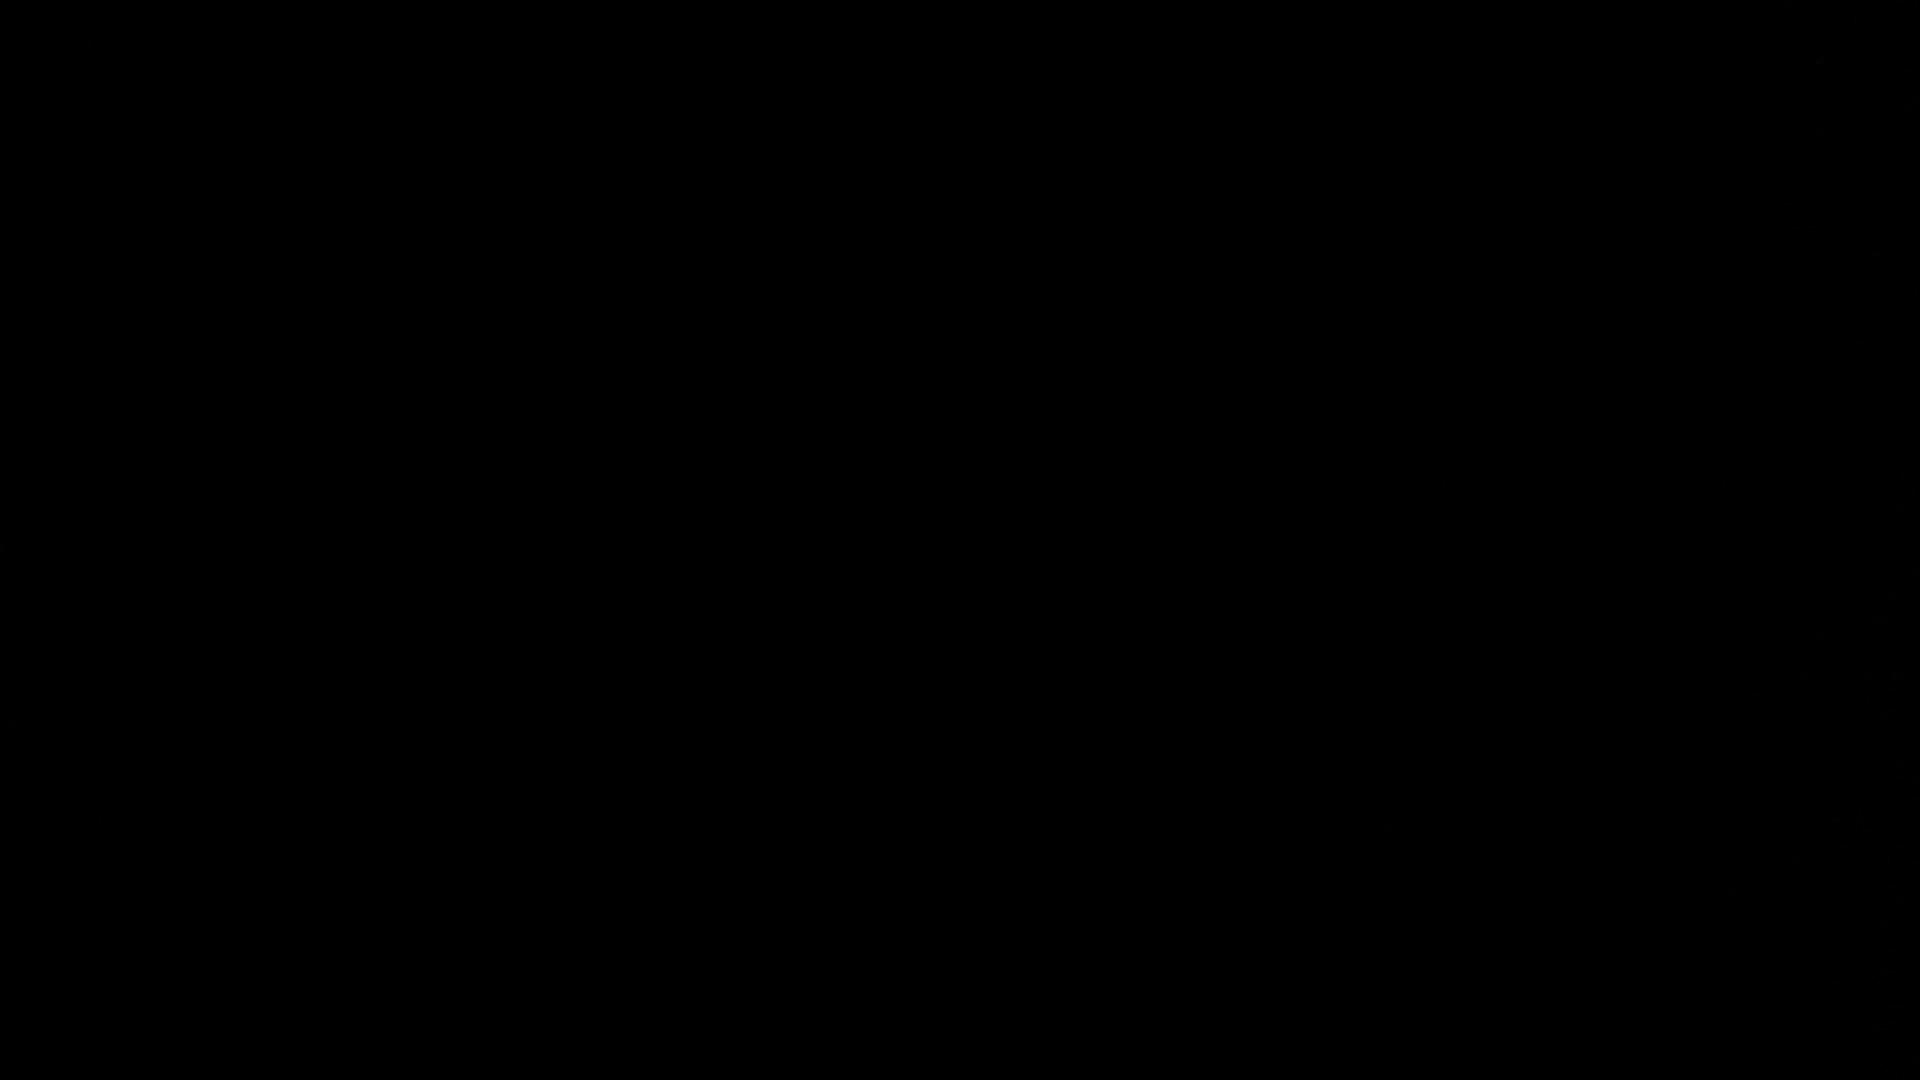 ゆめかわ男子のゆめかわオナニージャニーズ編vol.09 手コキ ゲイセックス画像 76連発 14